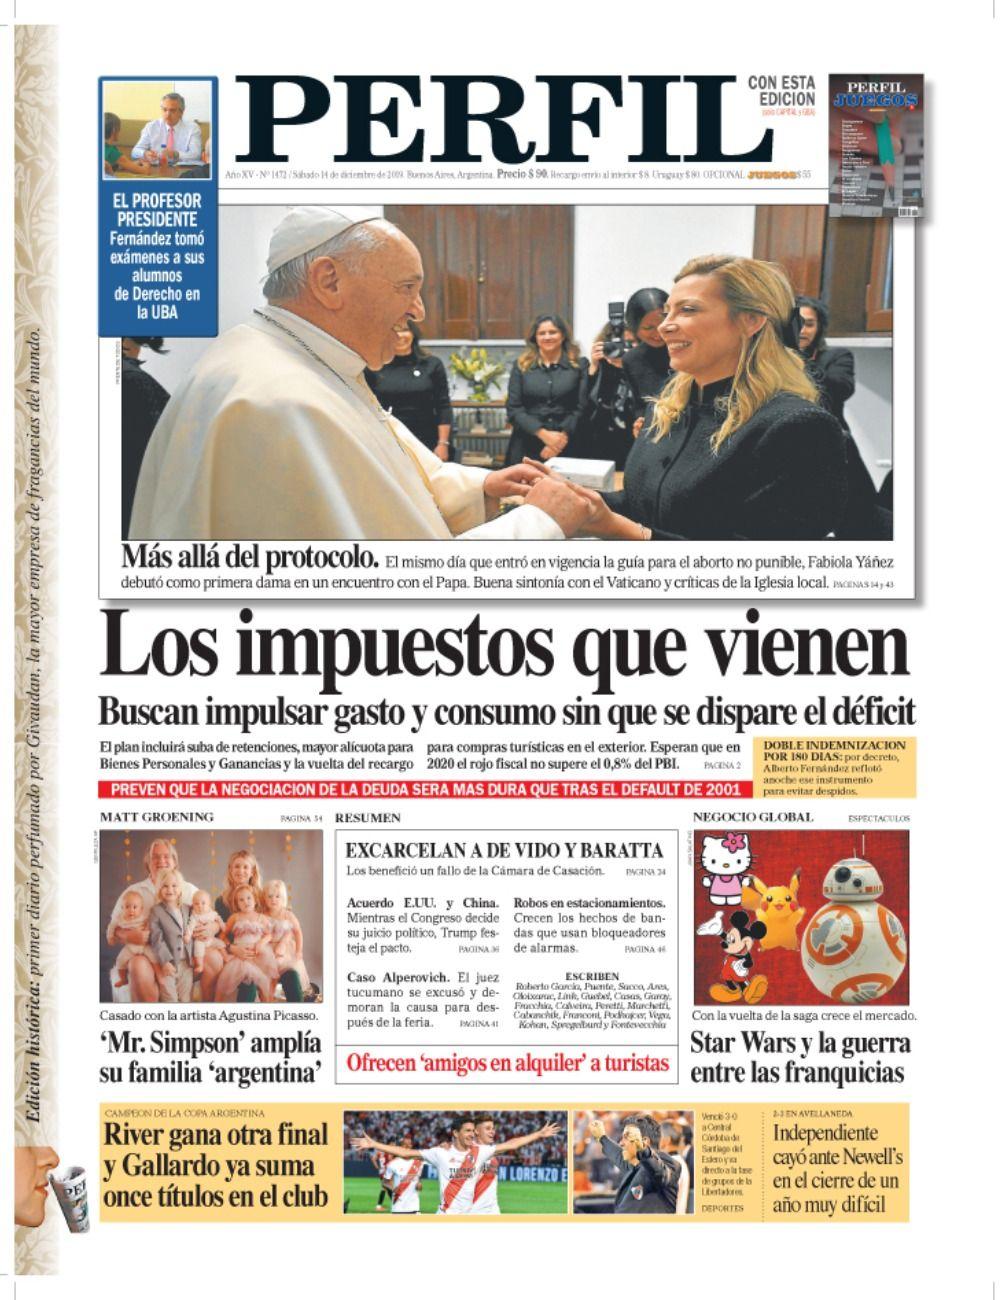 La tapa de diario PERFIL del sábado 14 de diciembre.